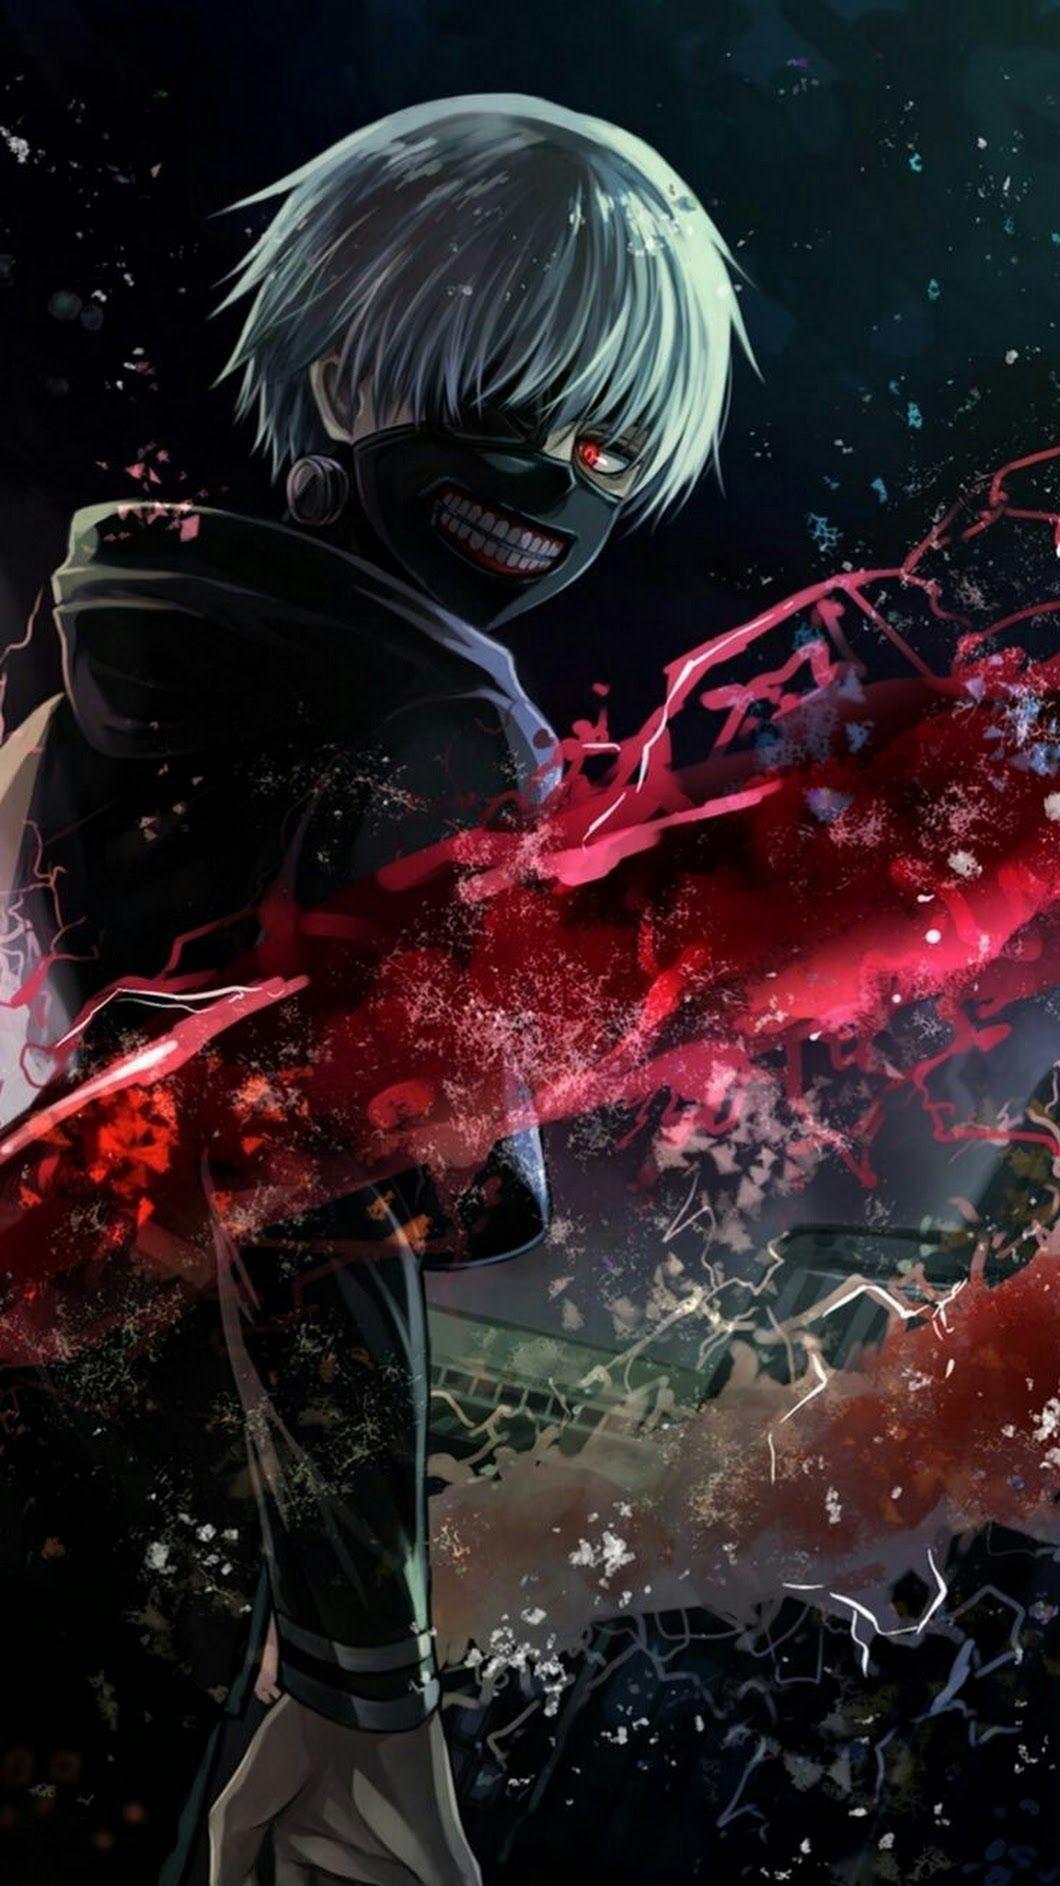 EMI LLY (Görüntüler ile) Tokyo ghoul, Anime, Anime erkekler